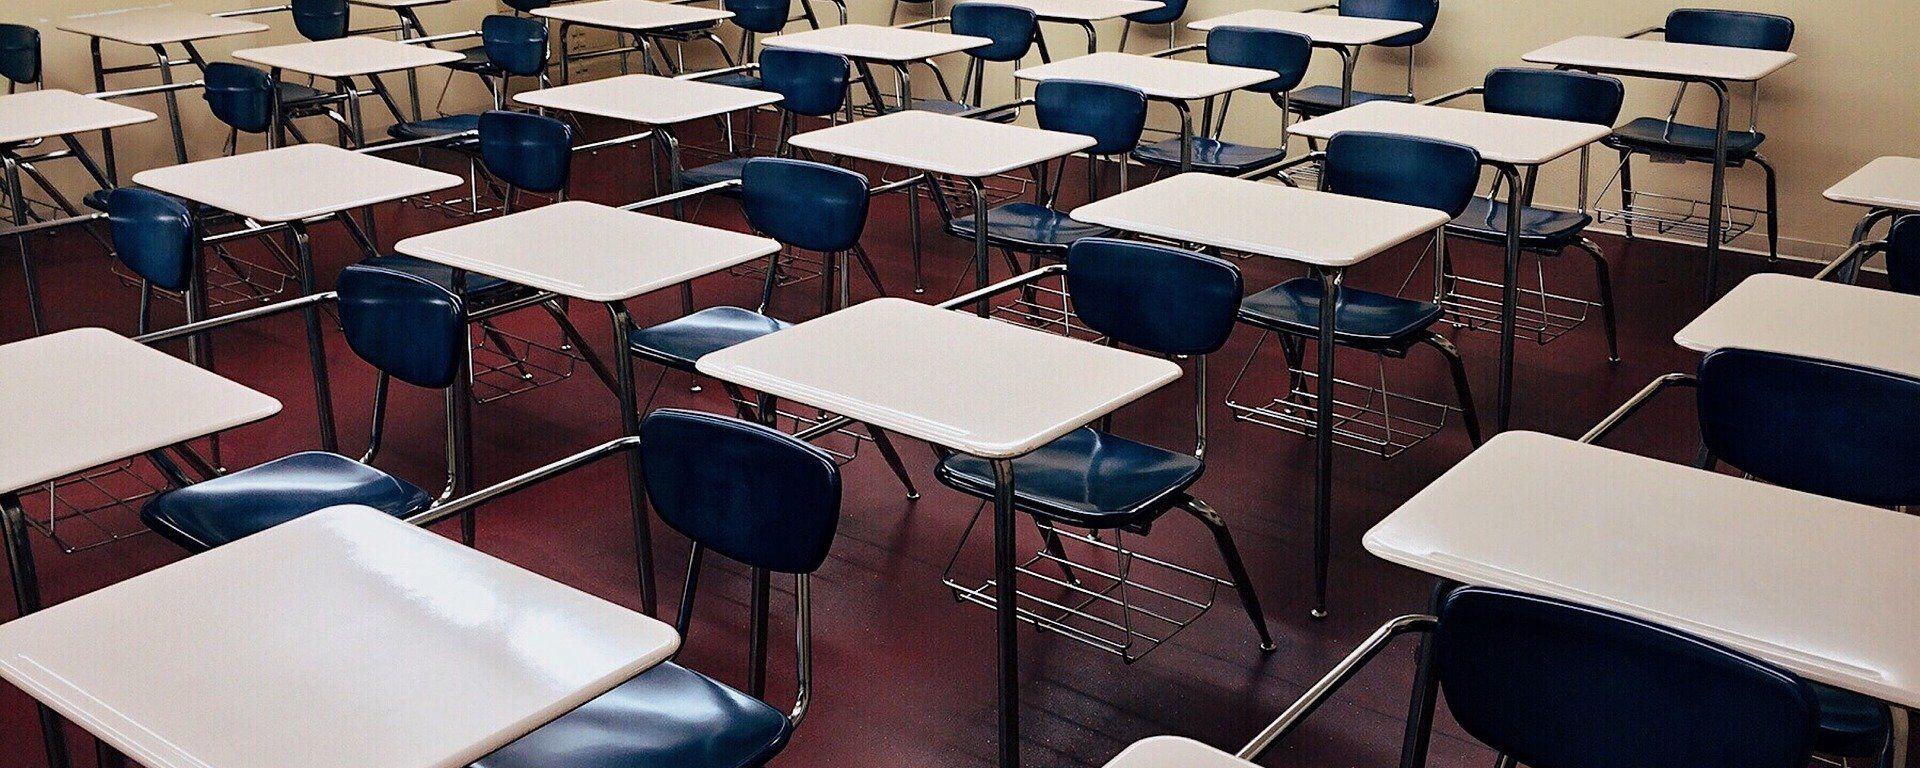 Una escuela, imagen referencial - Sputnik Mundo, 1920, 09.12.2020